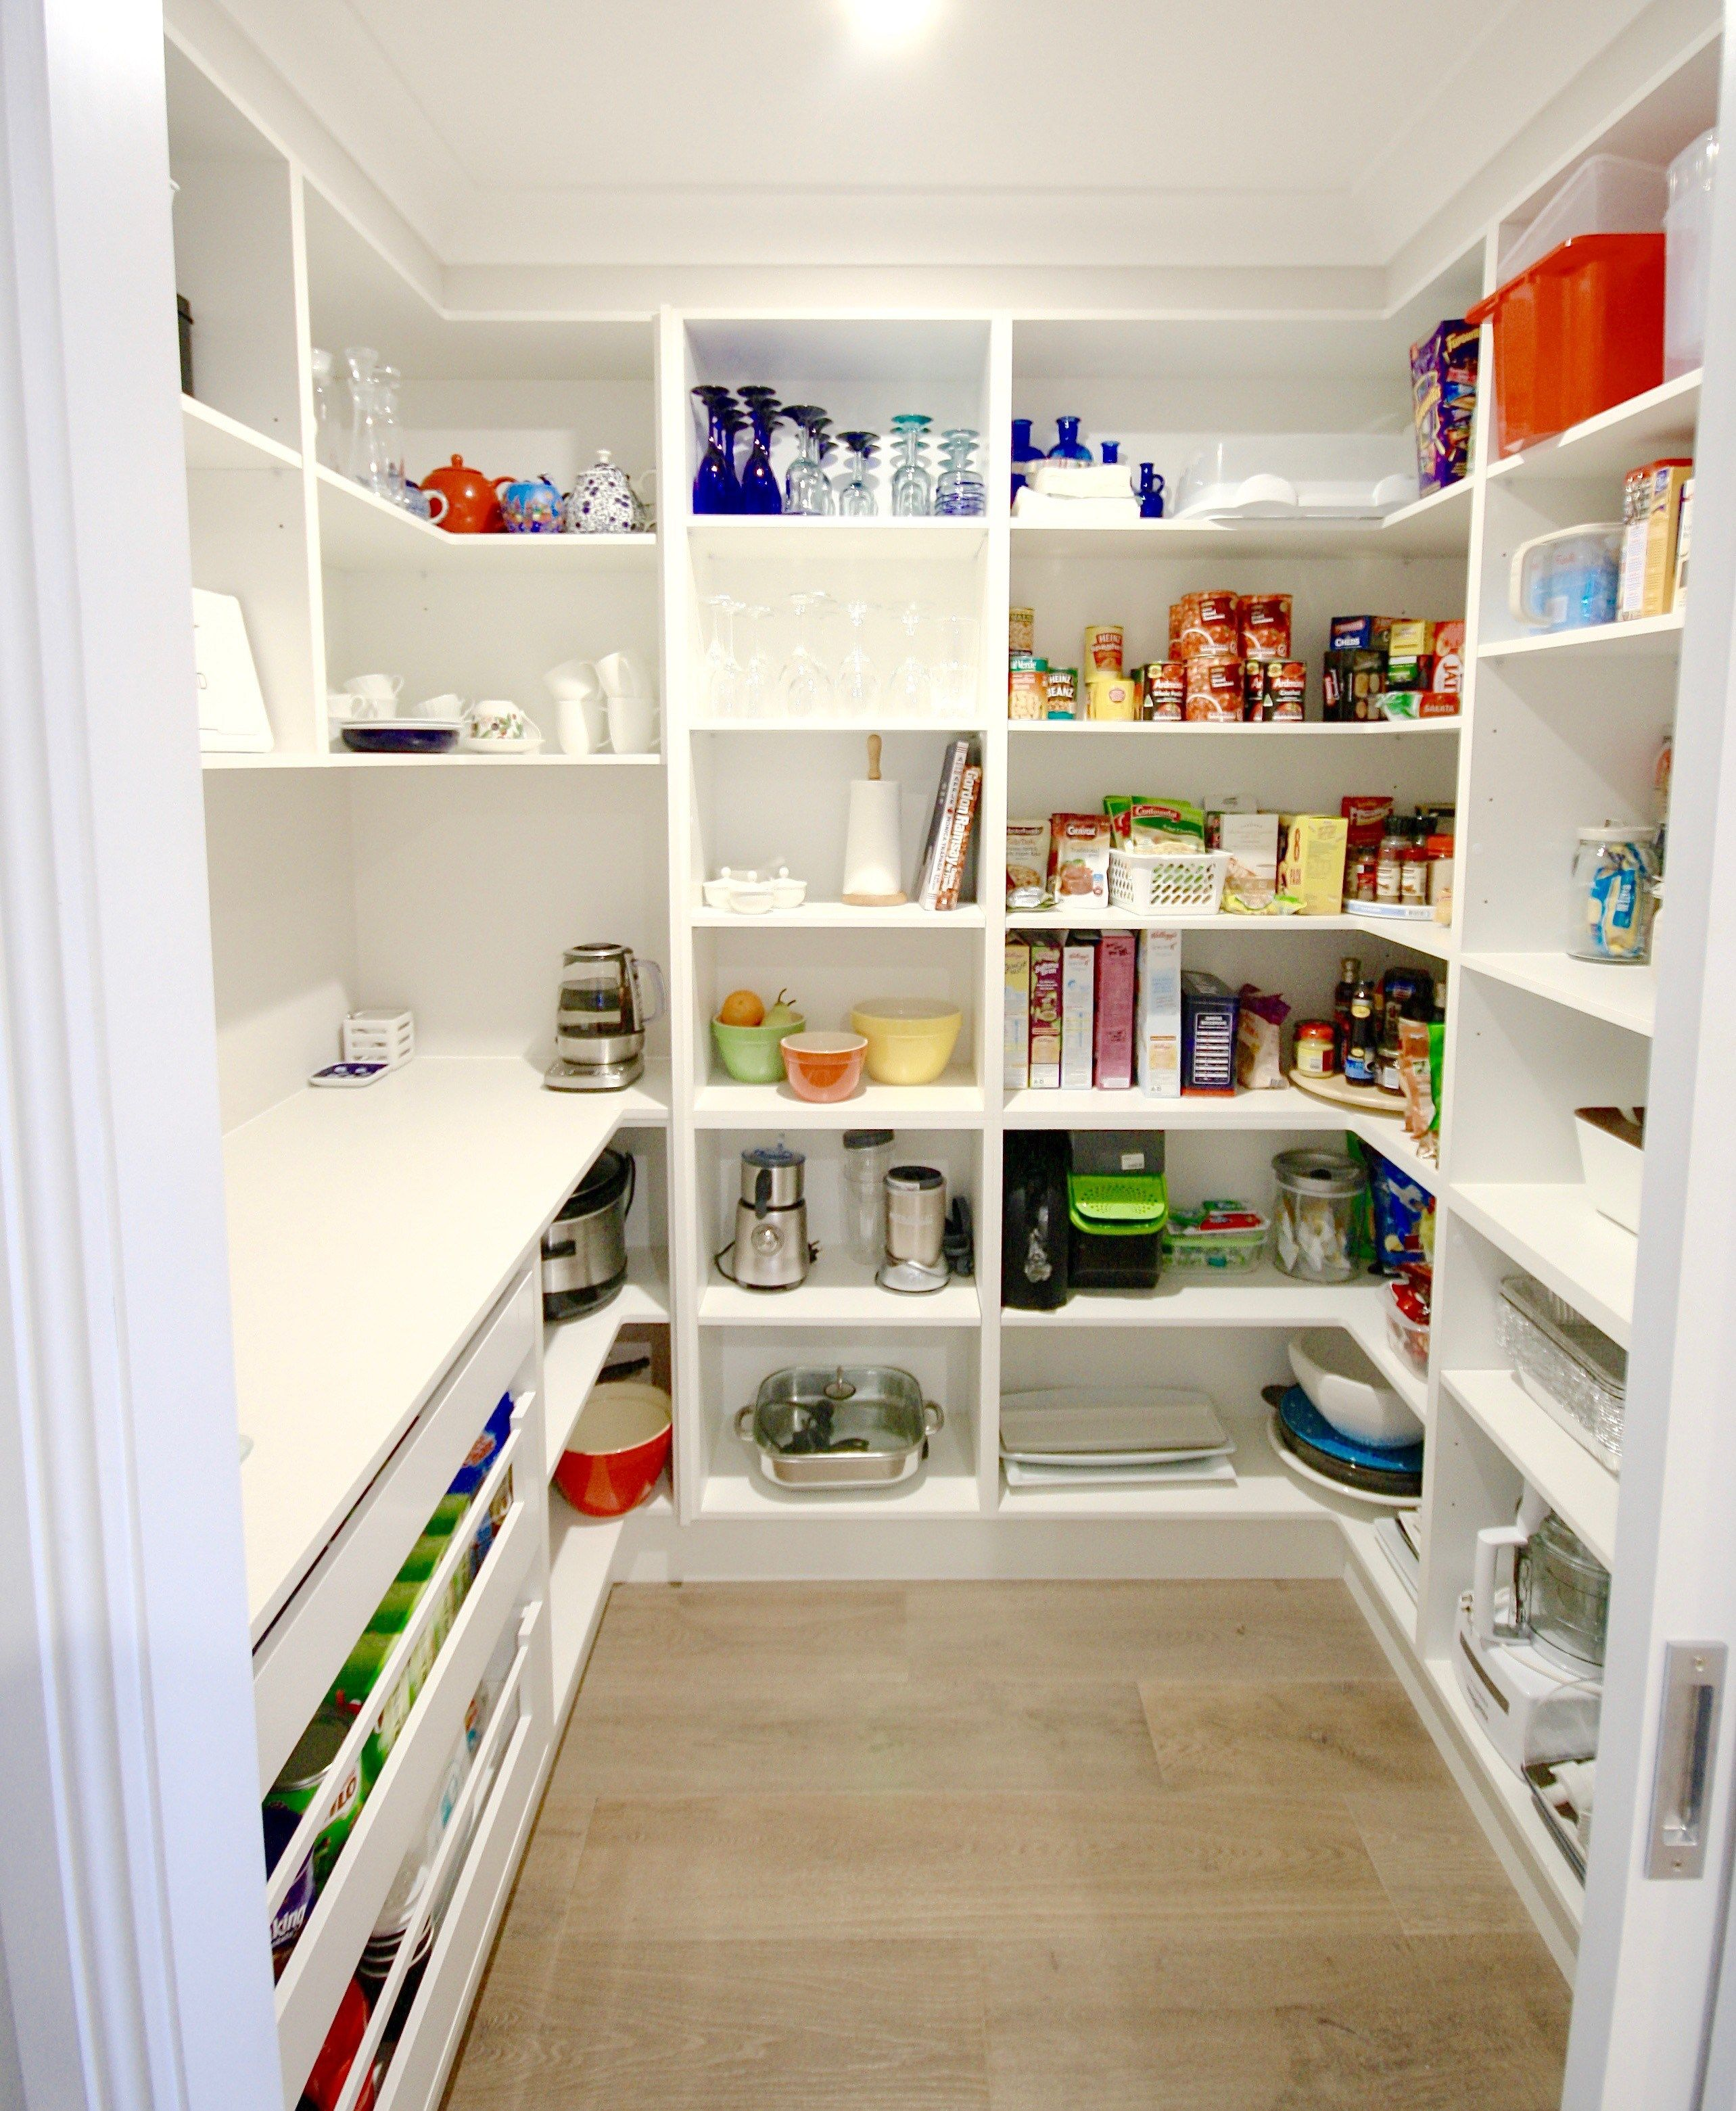 Large Pantry Design Shelves Unique Large Pantry Design Shelves 51 Of Kitchen Pantry Designs Ideas Pantry Layout Pantry Design Pantry Remodel